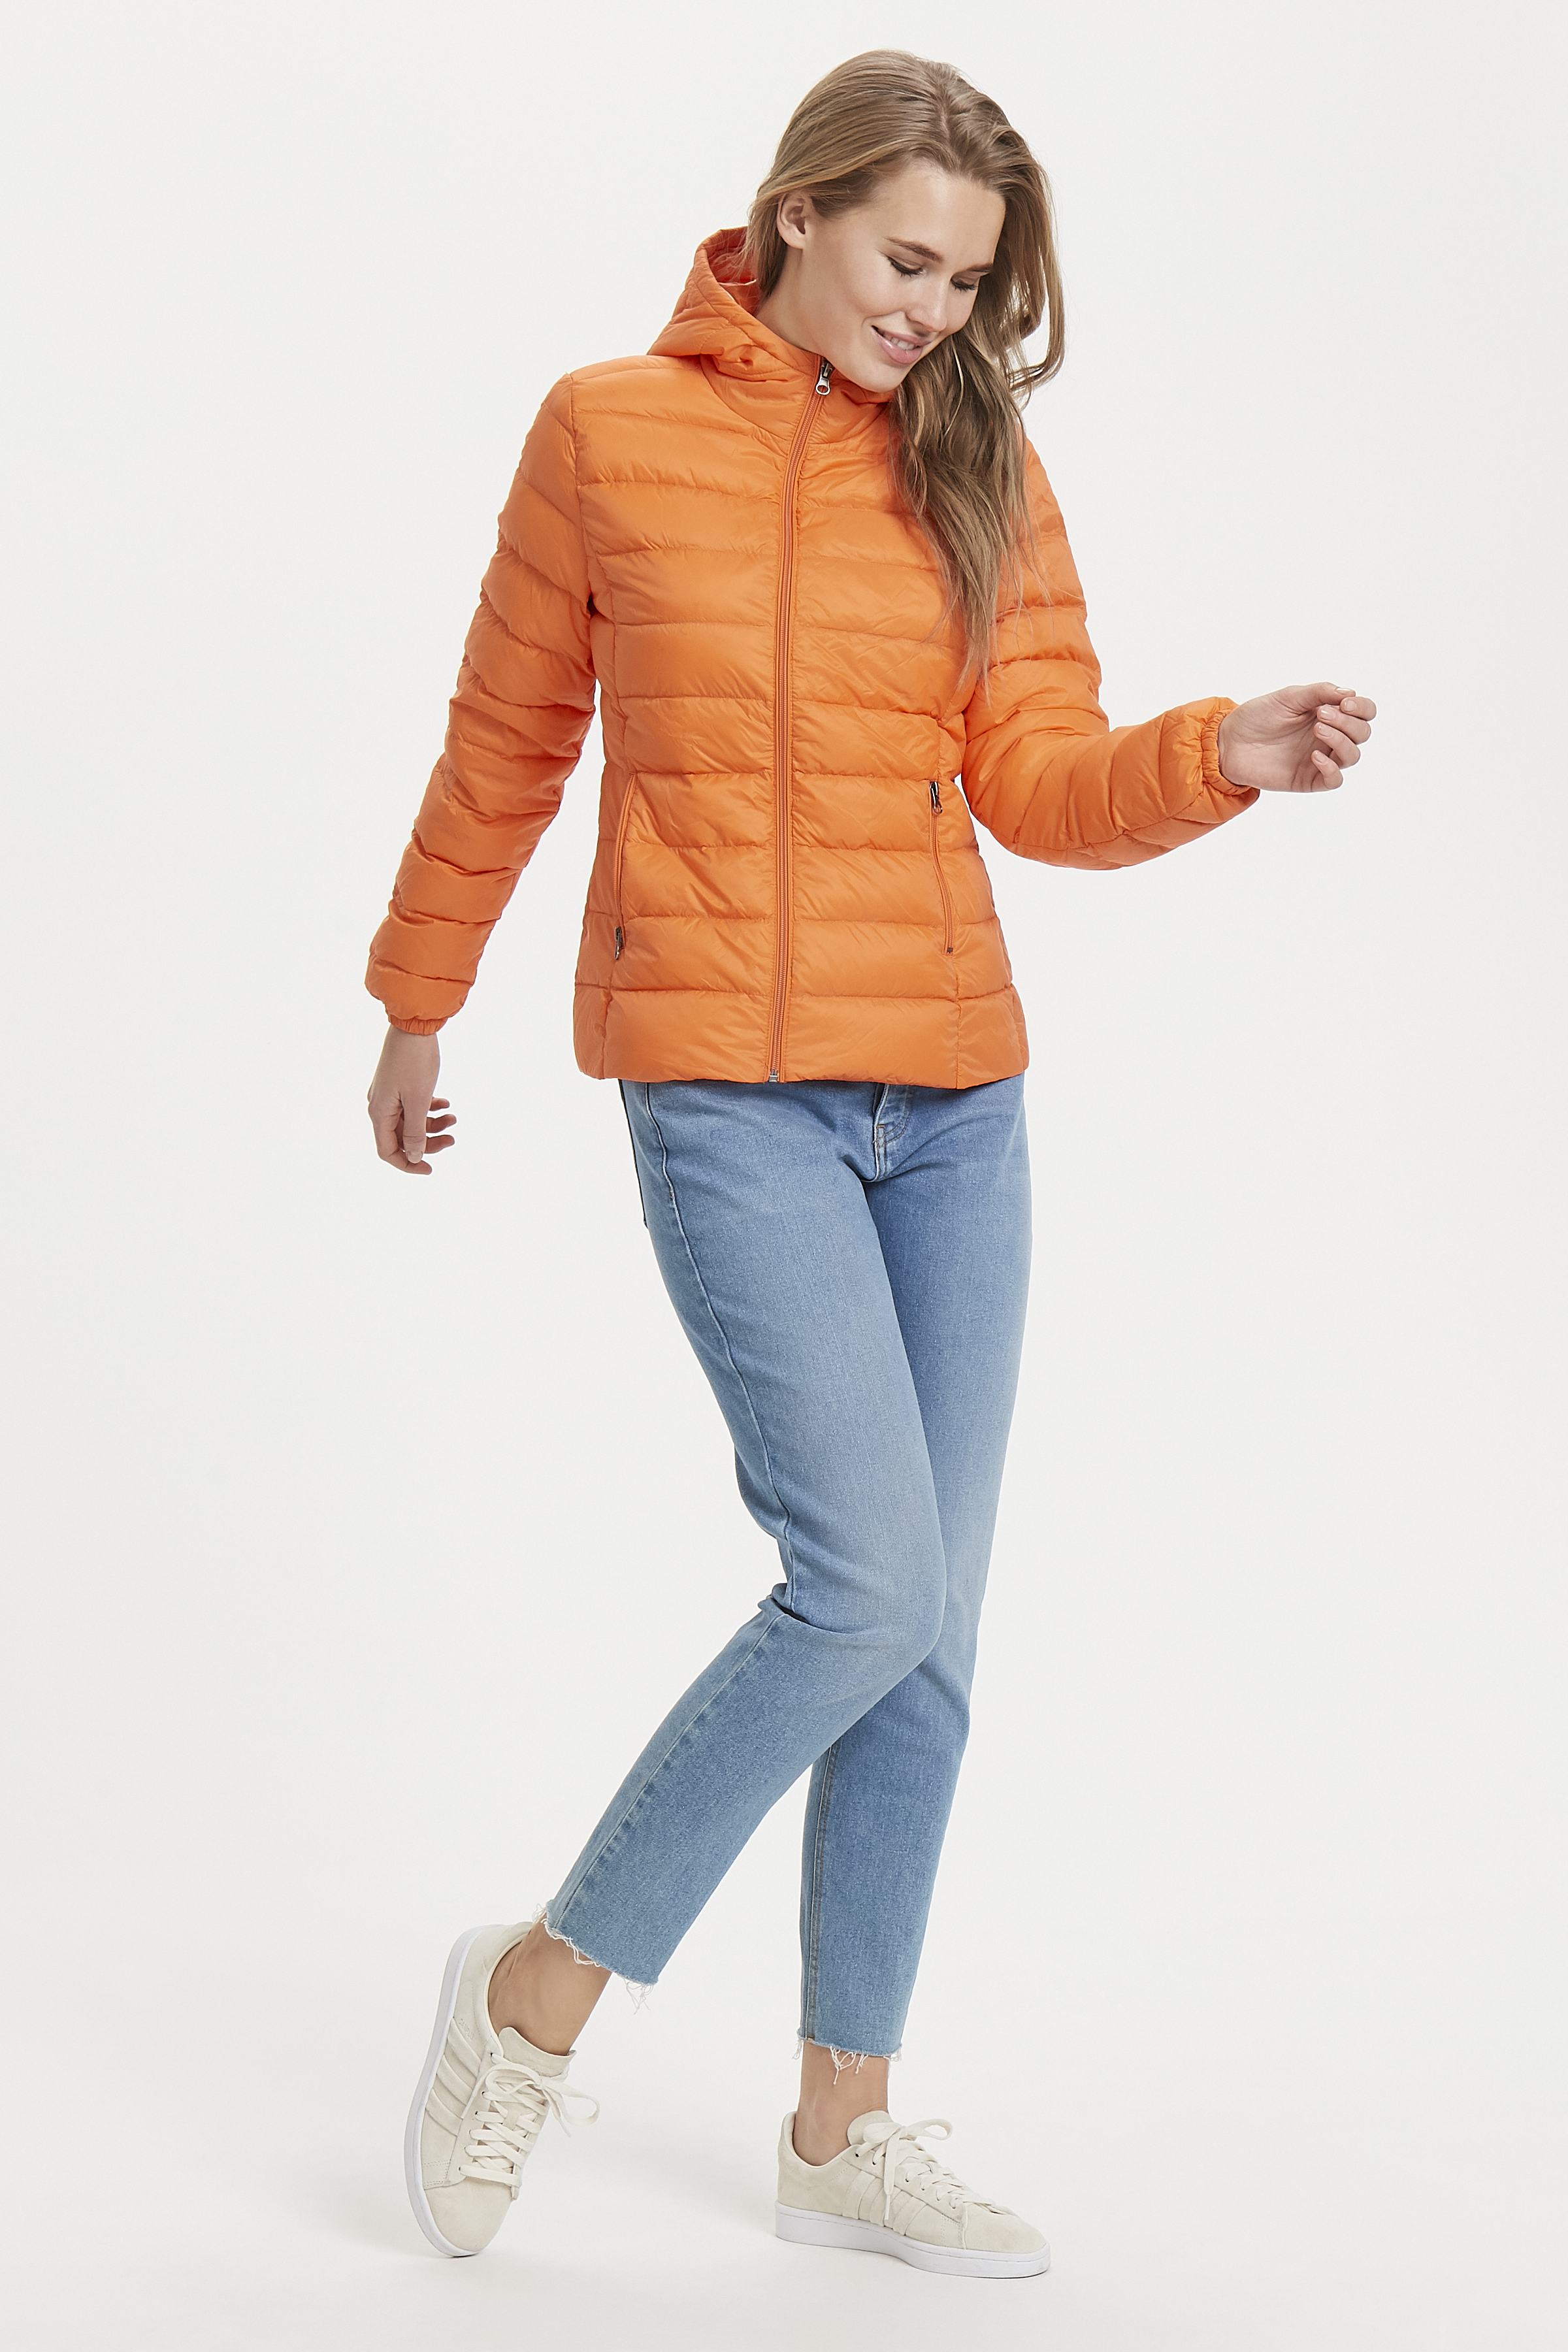 Tulip Orange Jacke von b.young – Kaufen Sie Tulip Orange Jacke aus Größe 34-46 hier